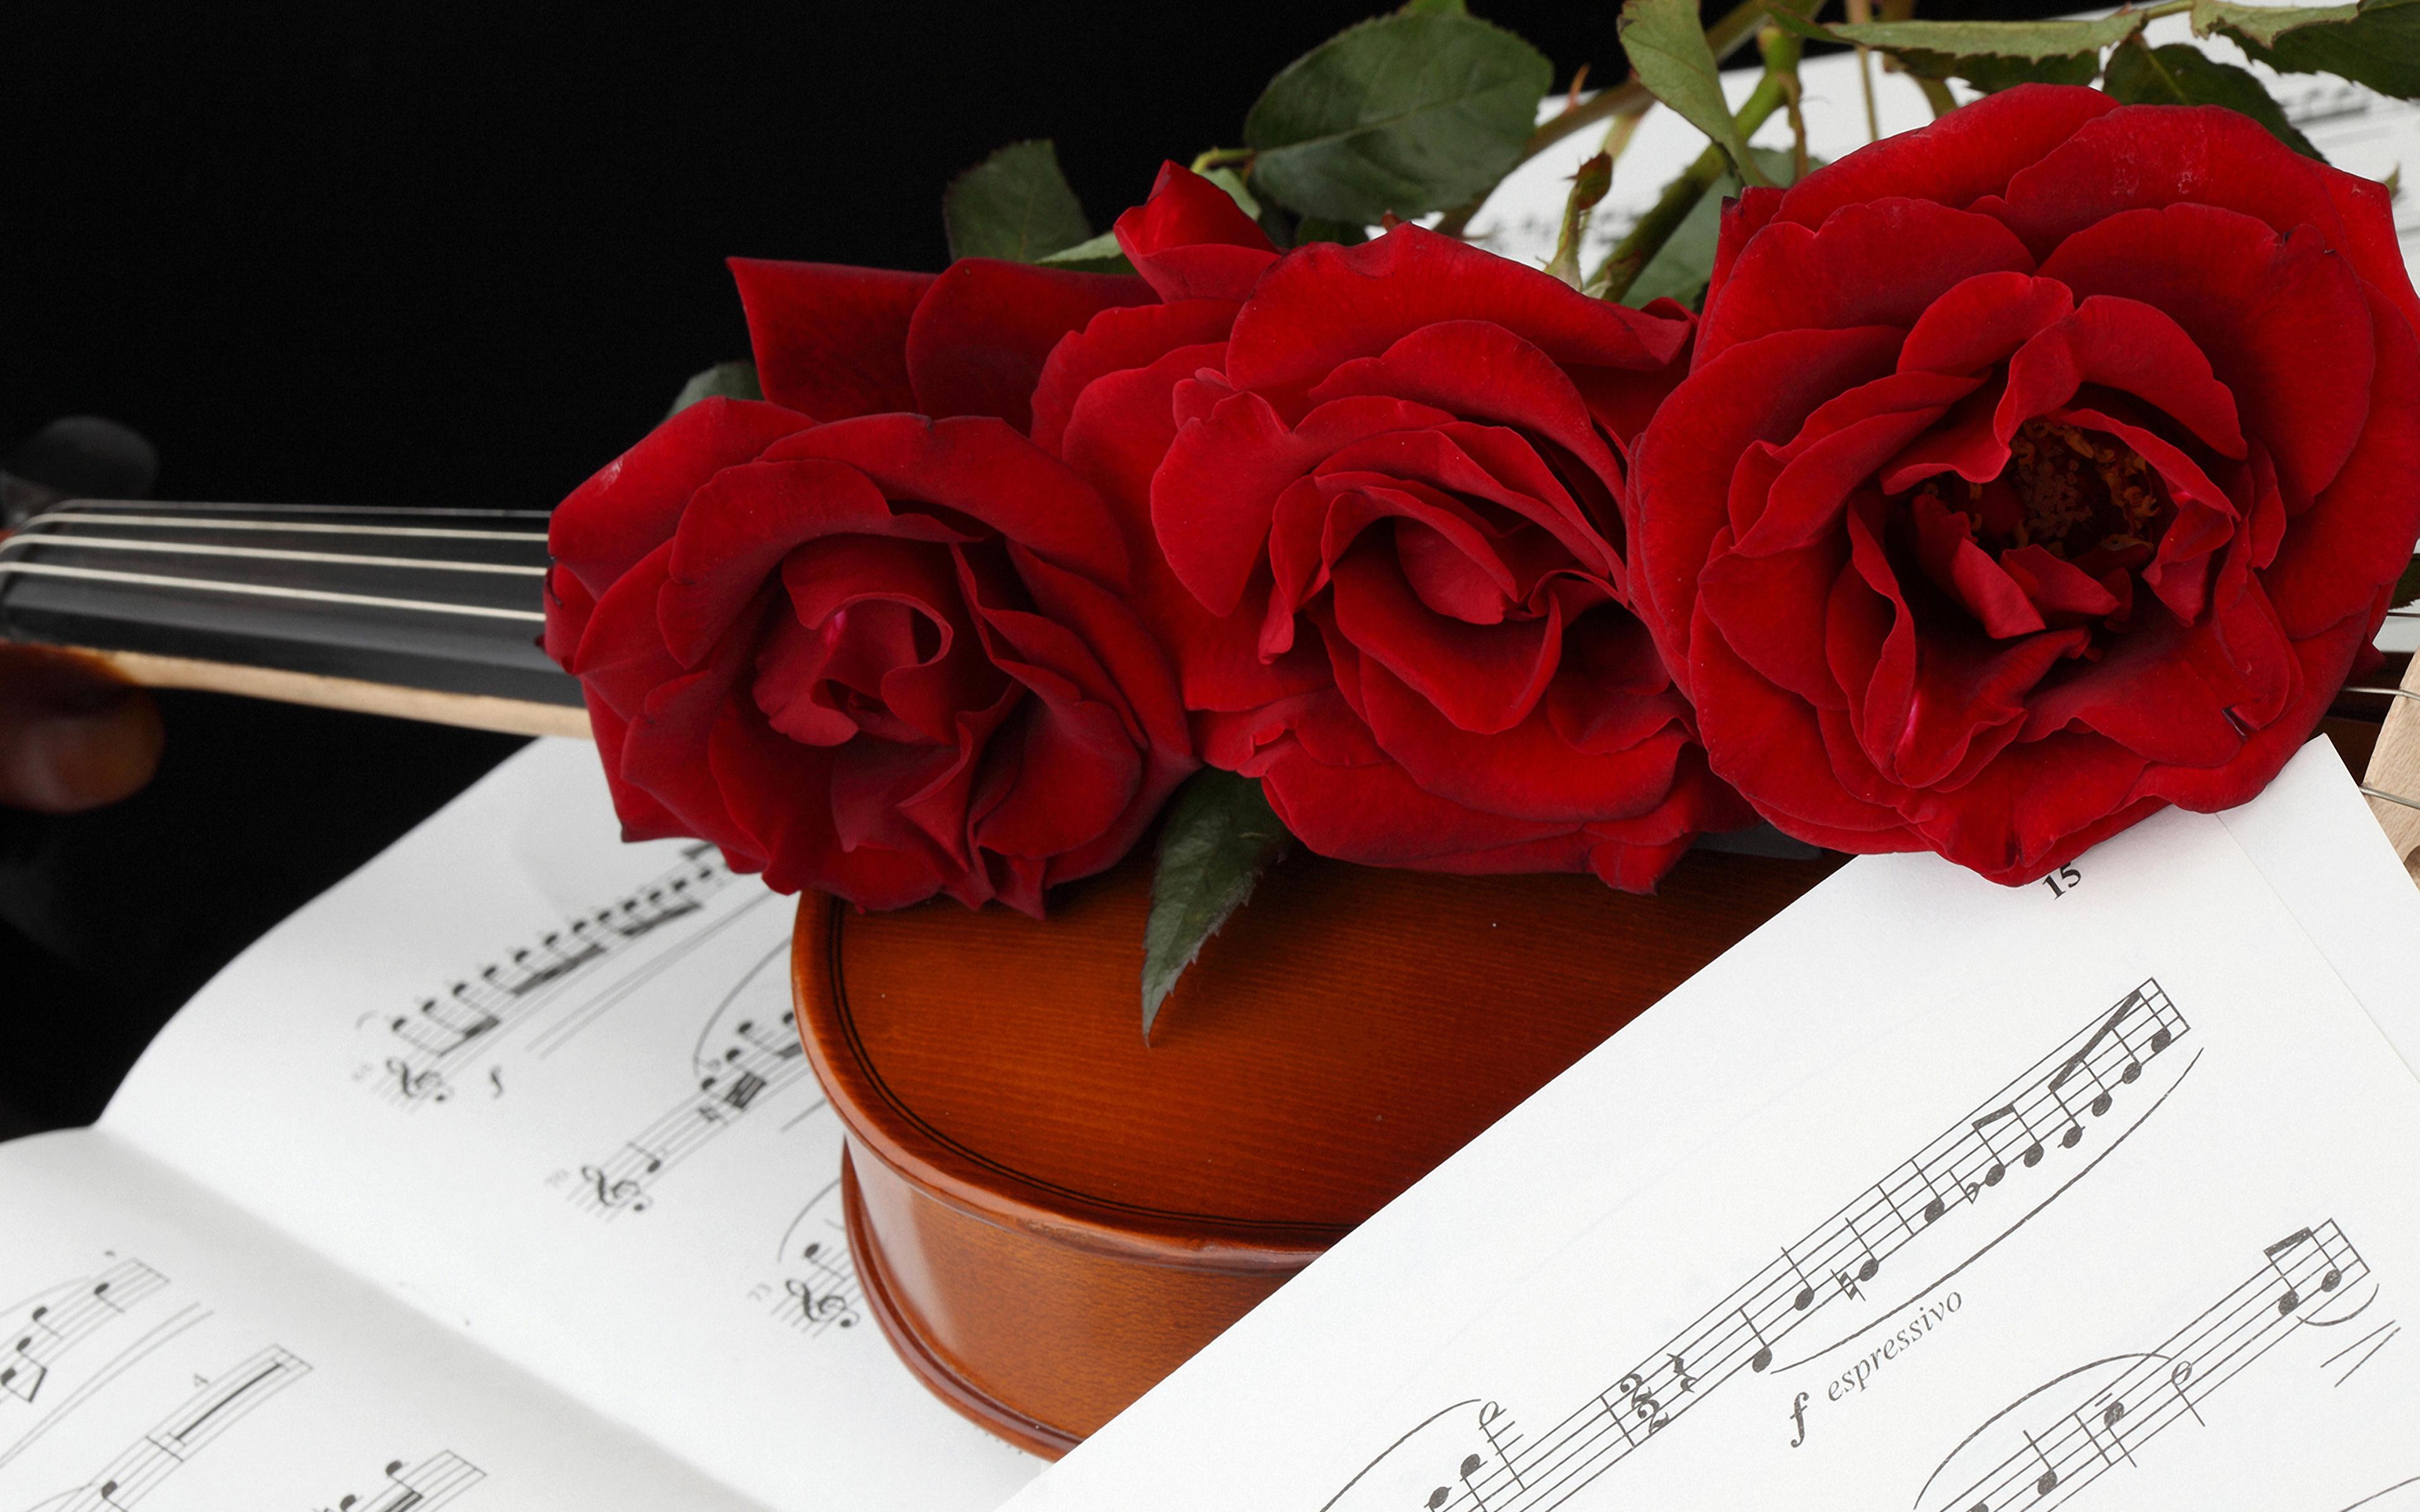 Фотографии Ноты Розы бордовые цветок Трое 3 3840x2400 роза Бордовый бордовая темно красный Цветы три втроем